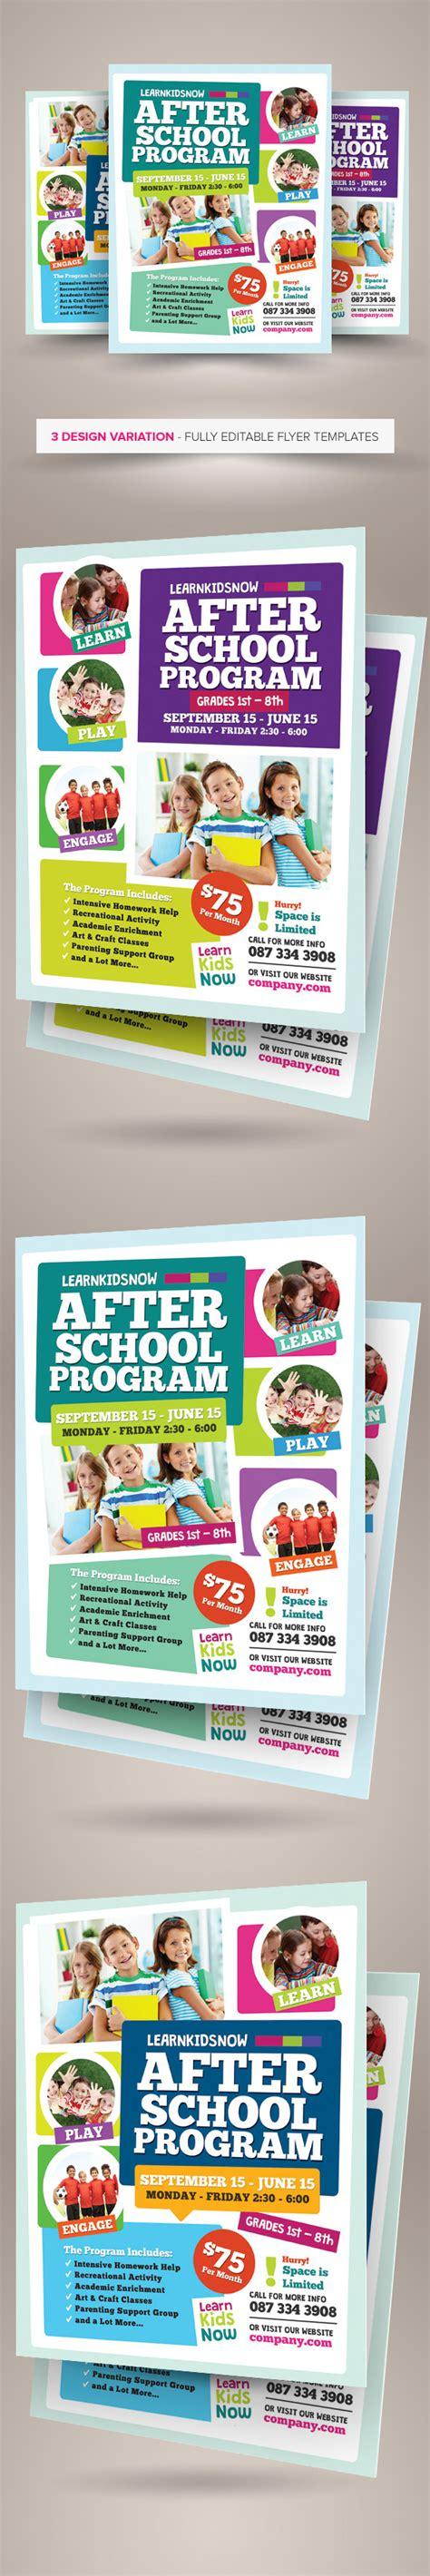 After School Program Flyer Templates On Behance Curriculum Flyer Template